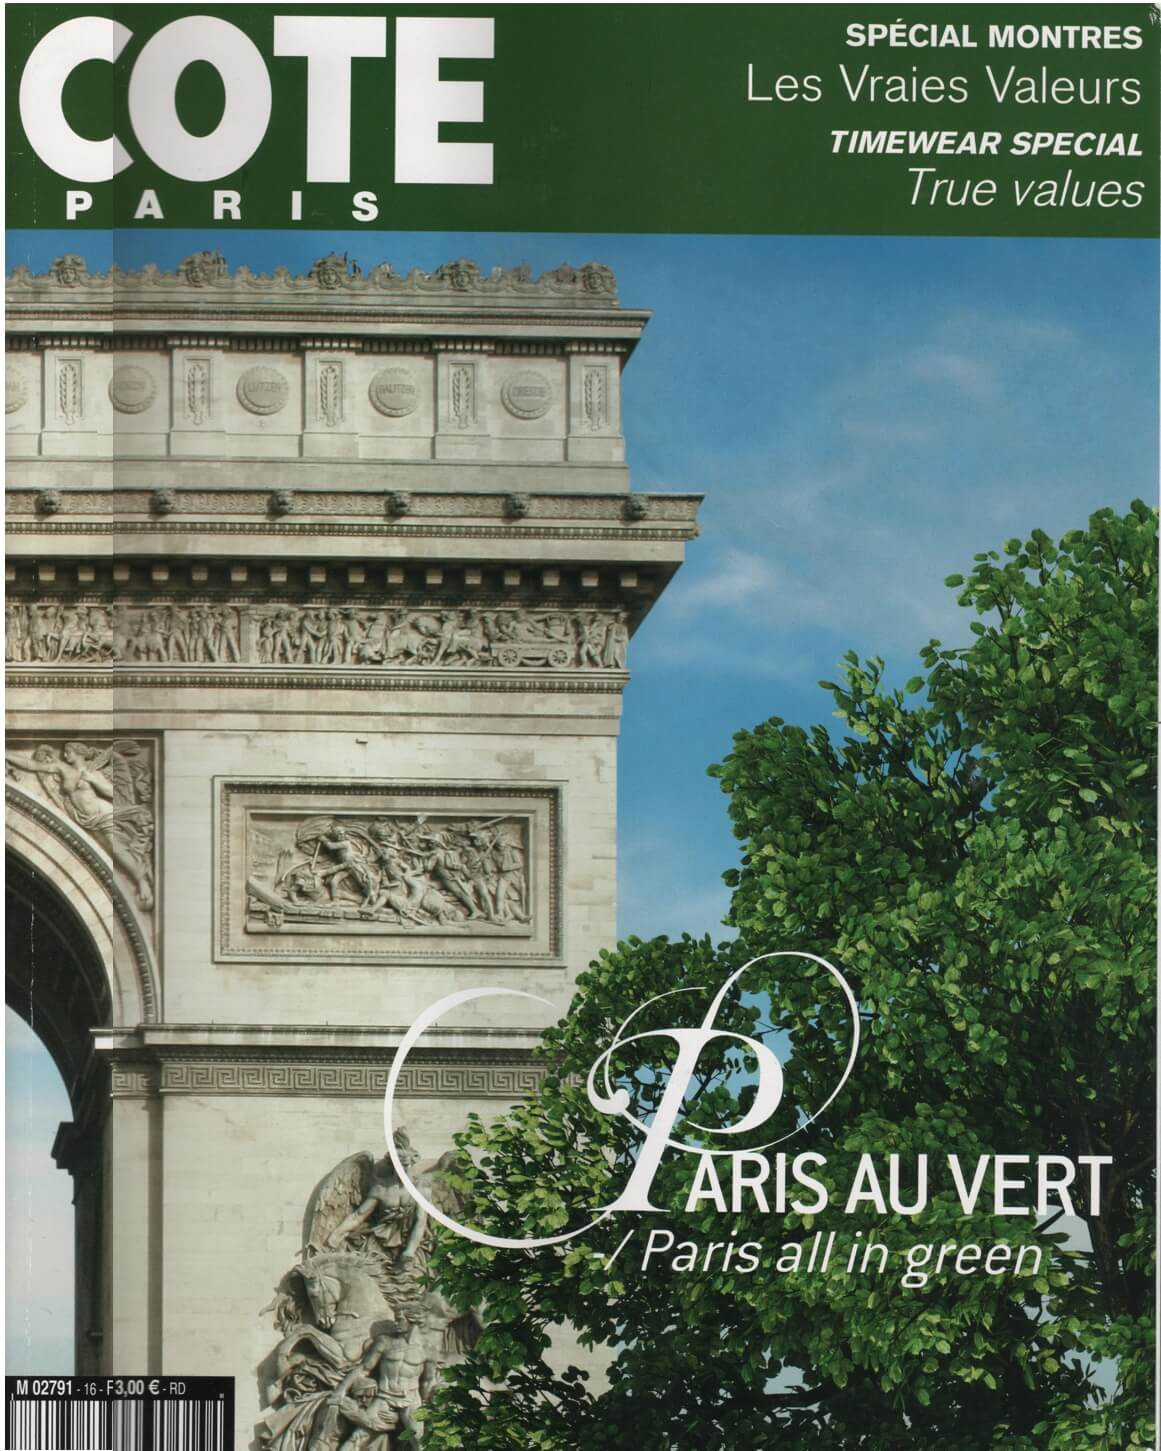 2010 COTE Paris - Couve - juillet 2010.jpg